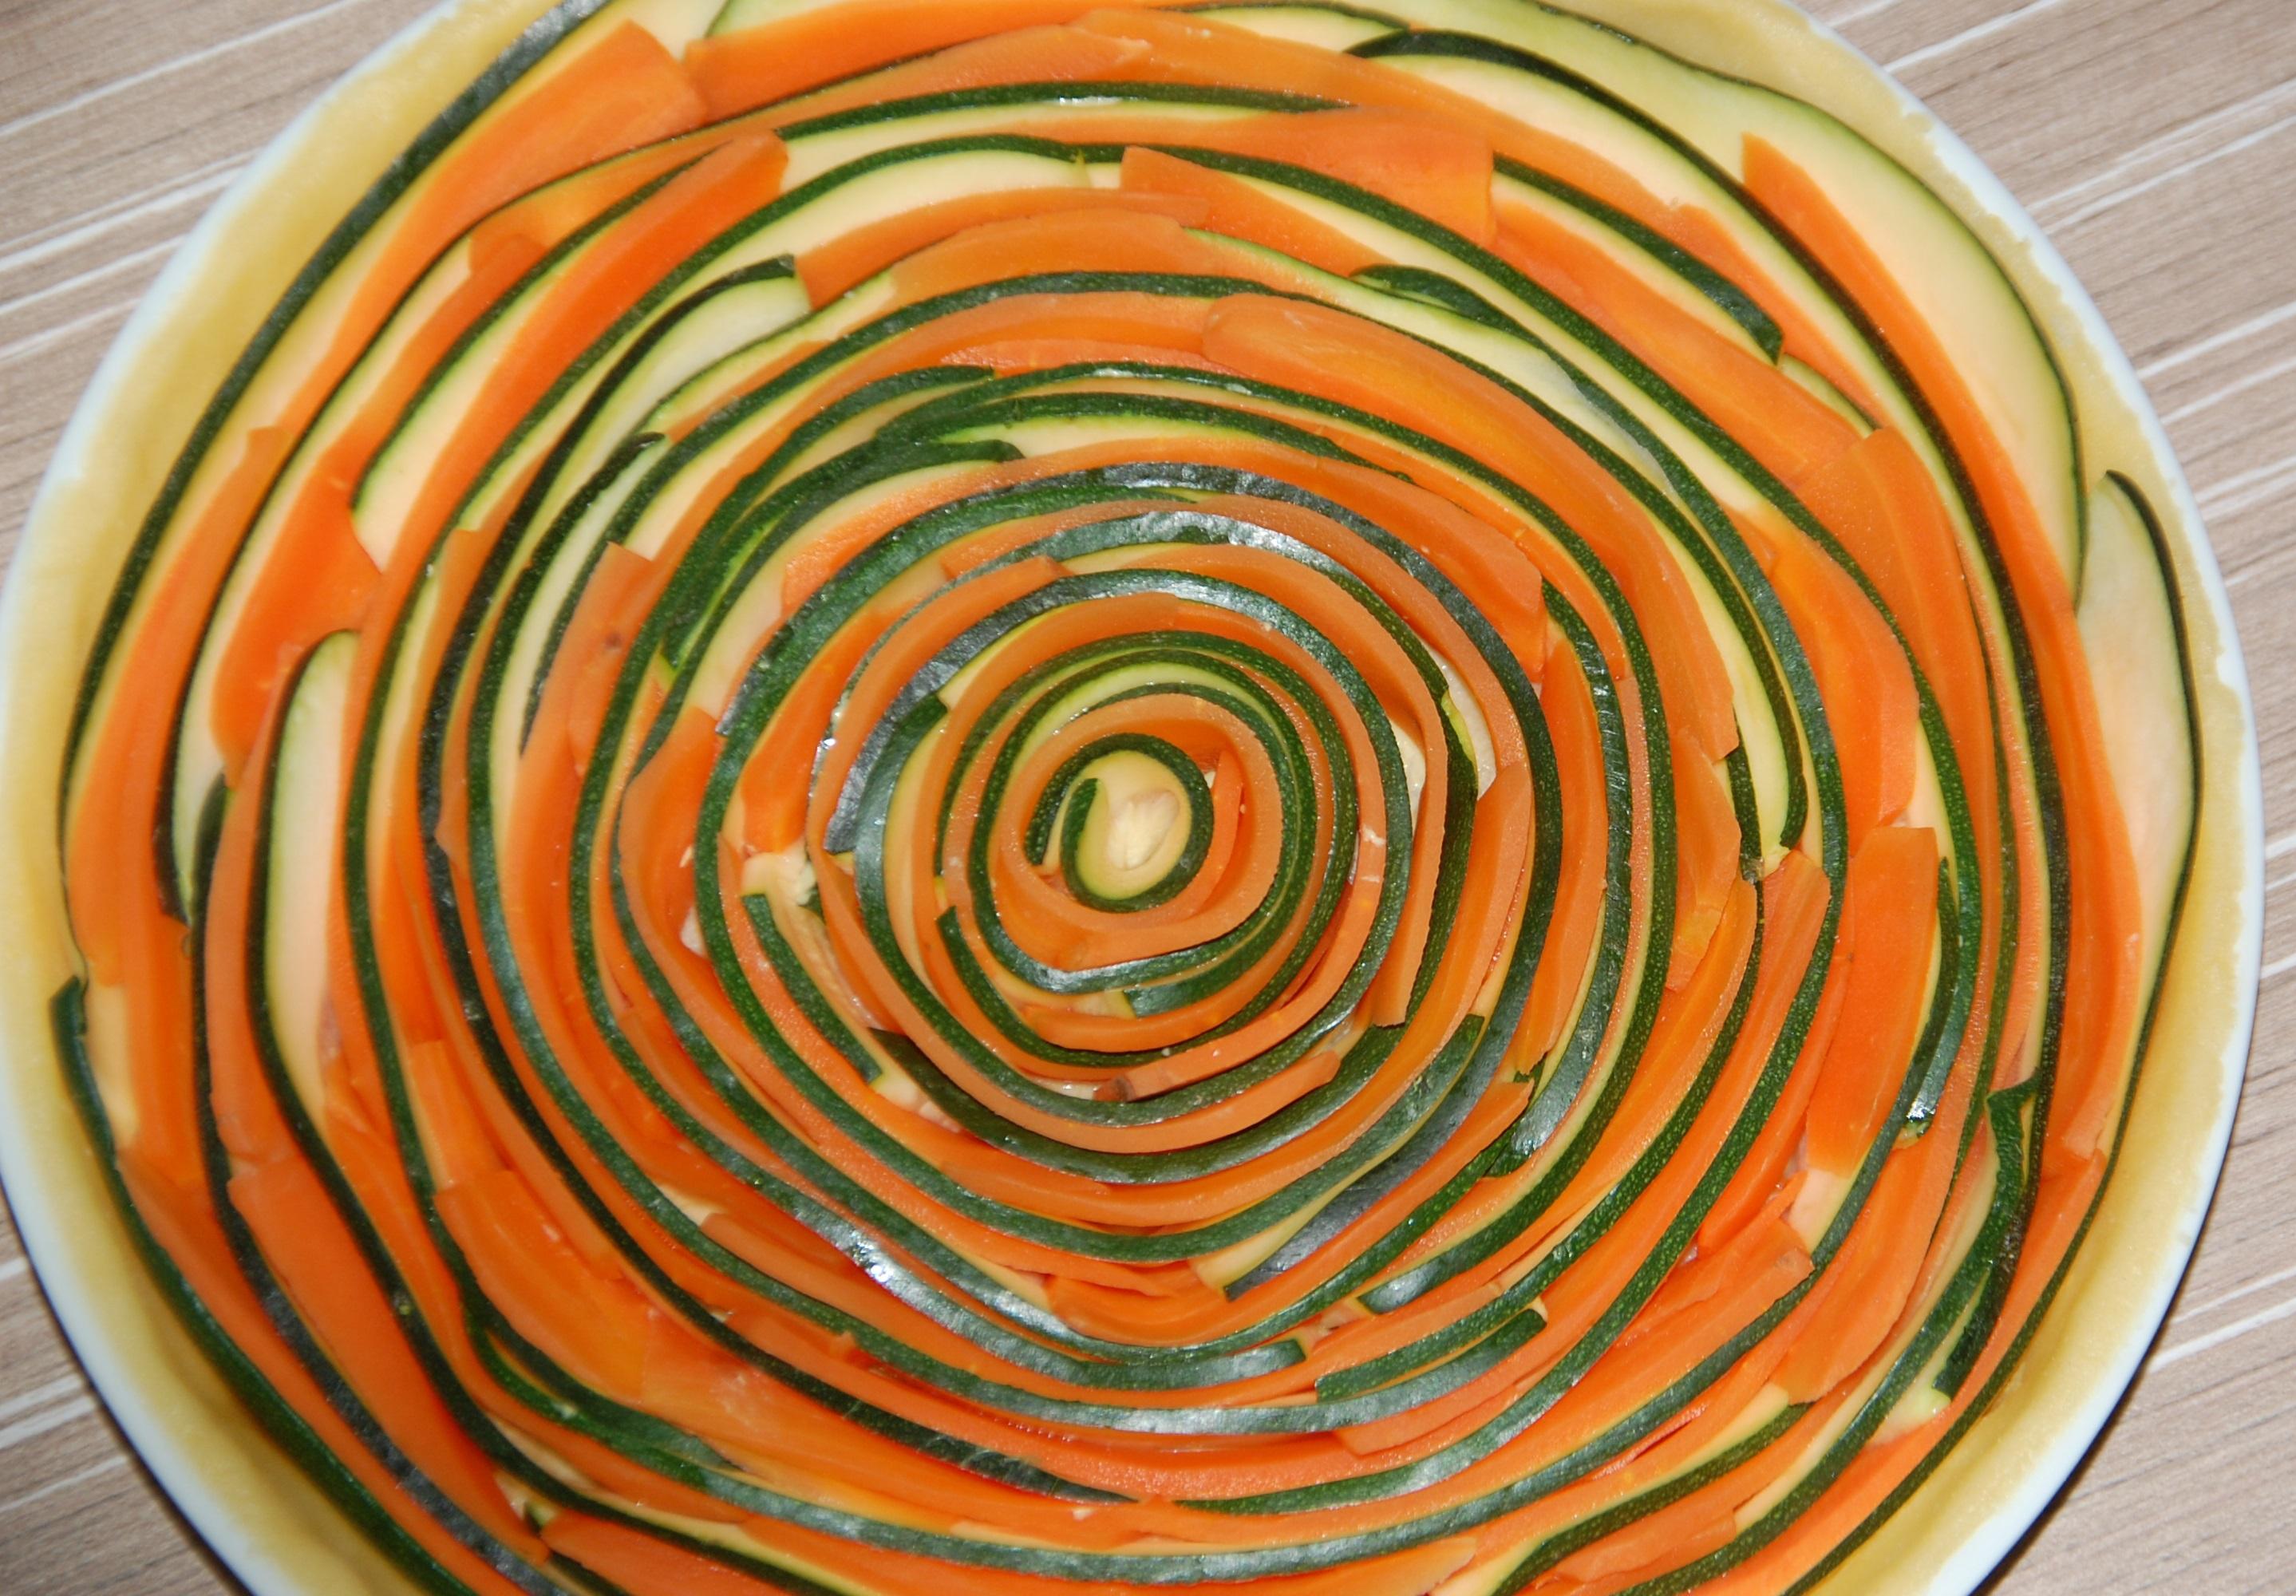 Gateau aux carottes et zucchini